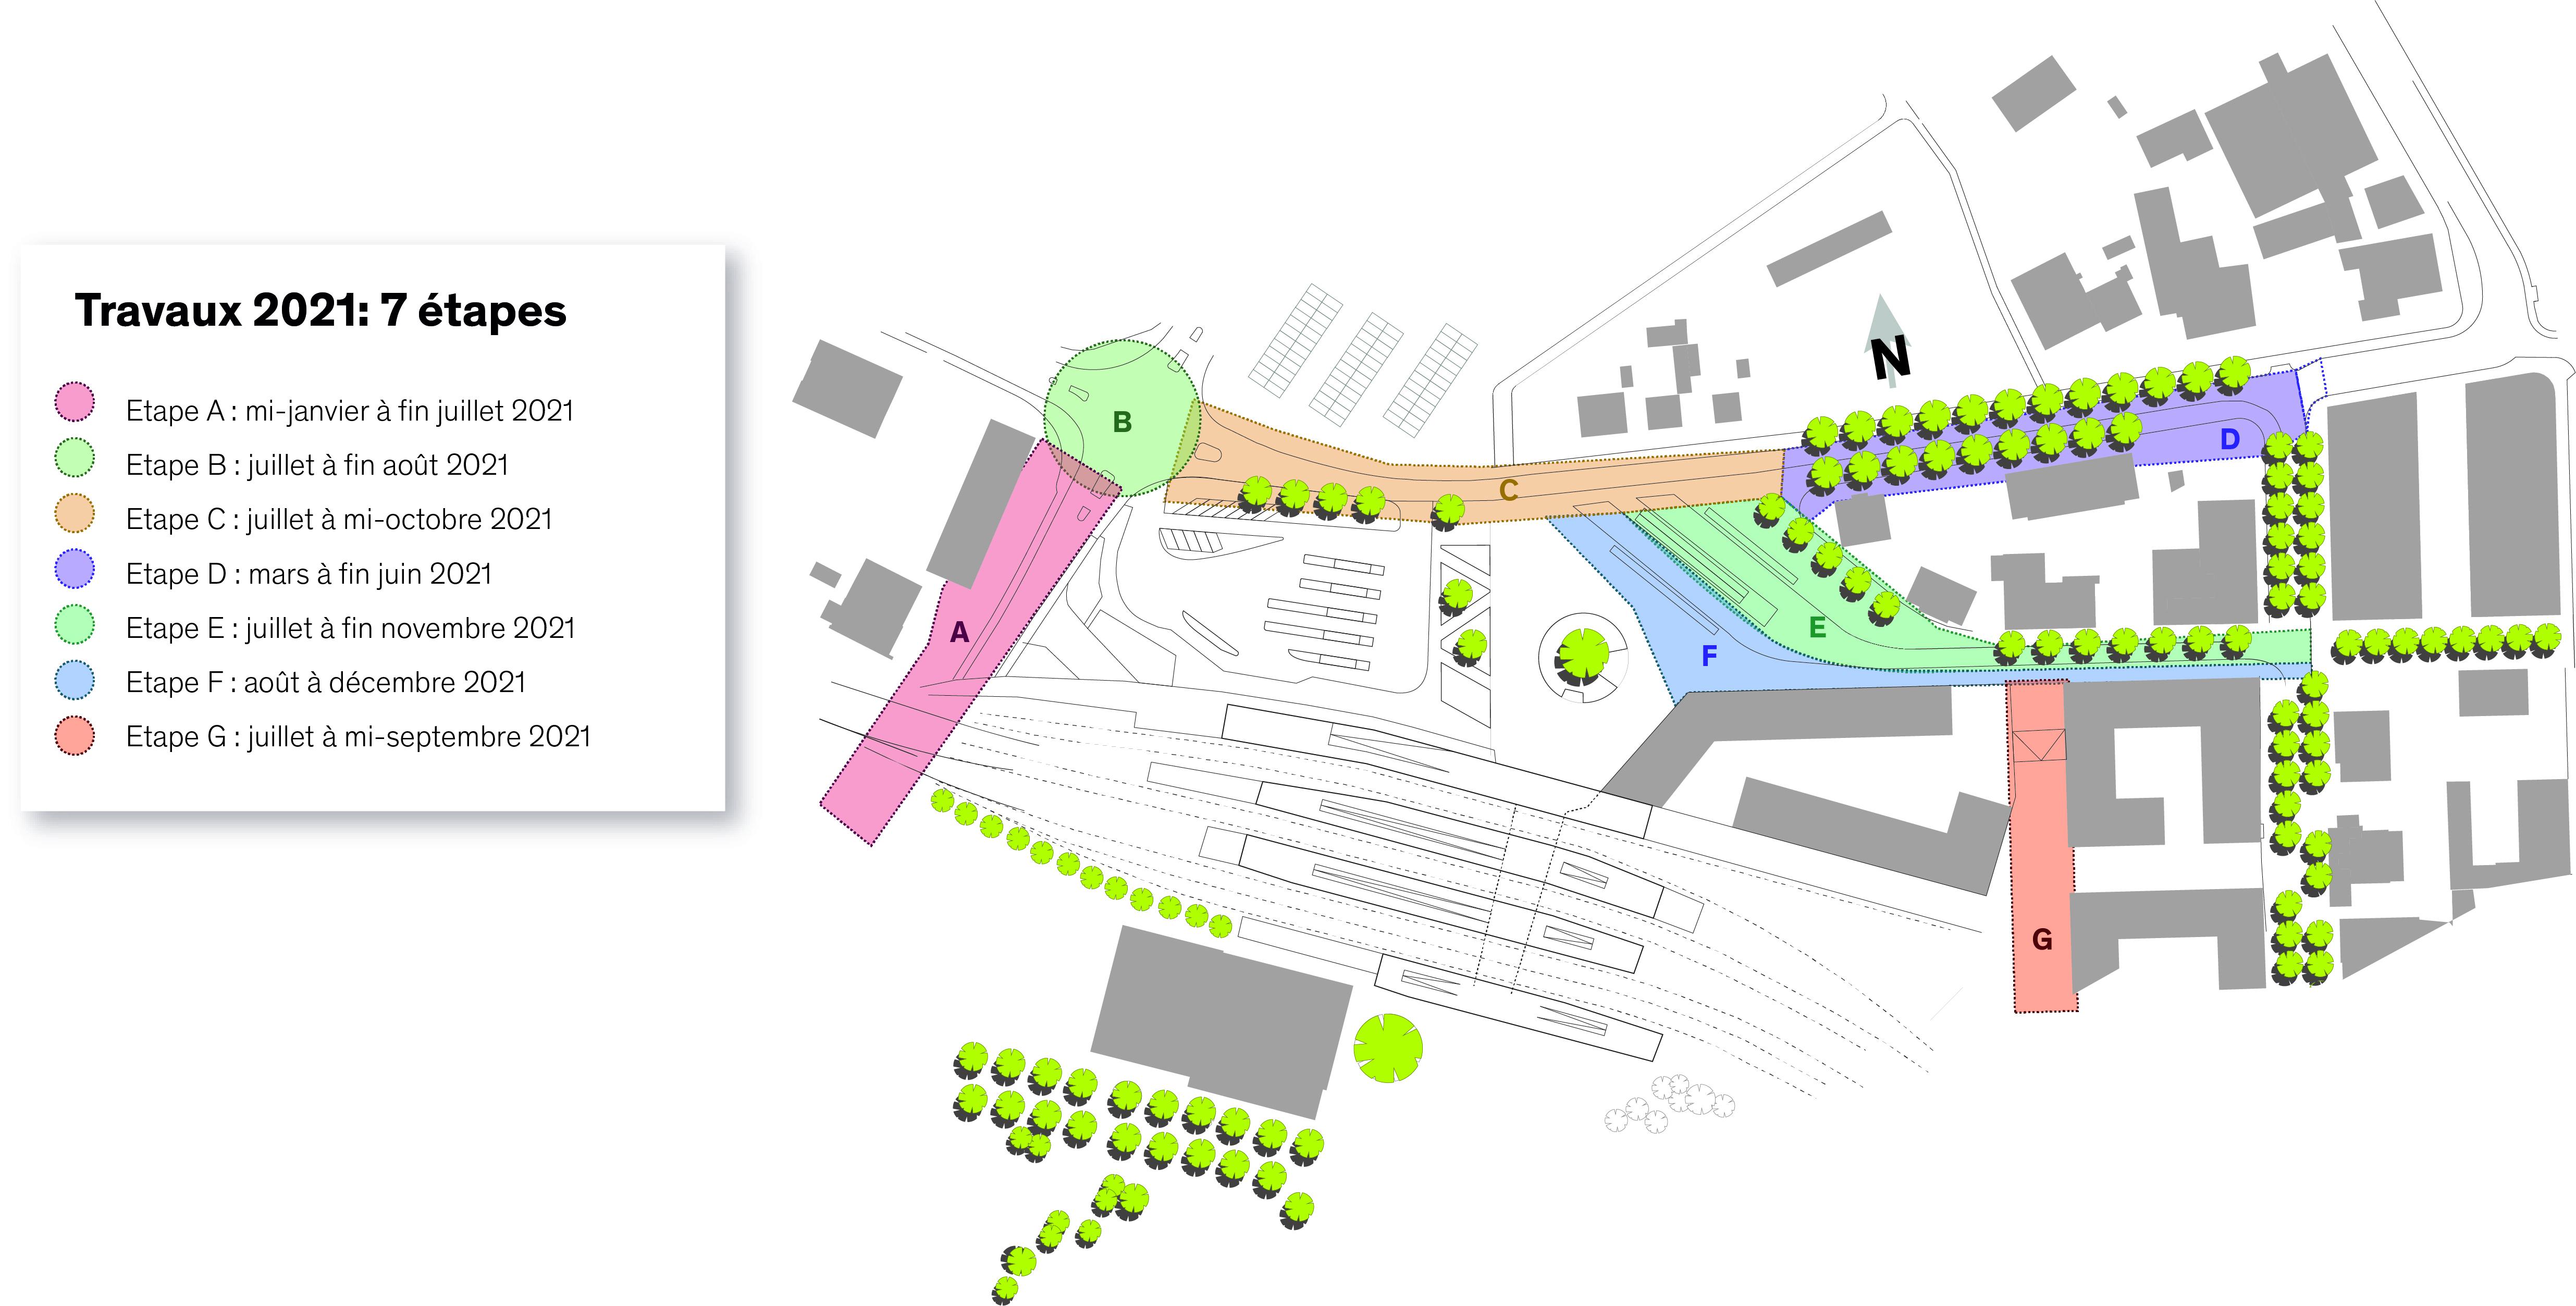 Calendrier travaux gare espaces publics 2021